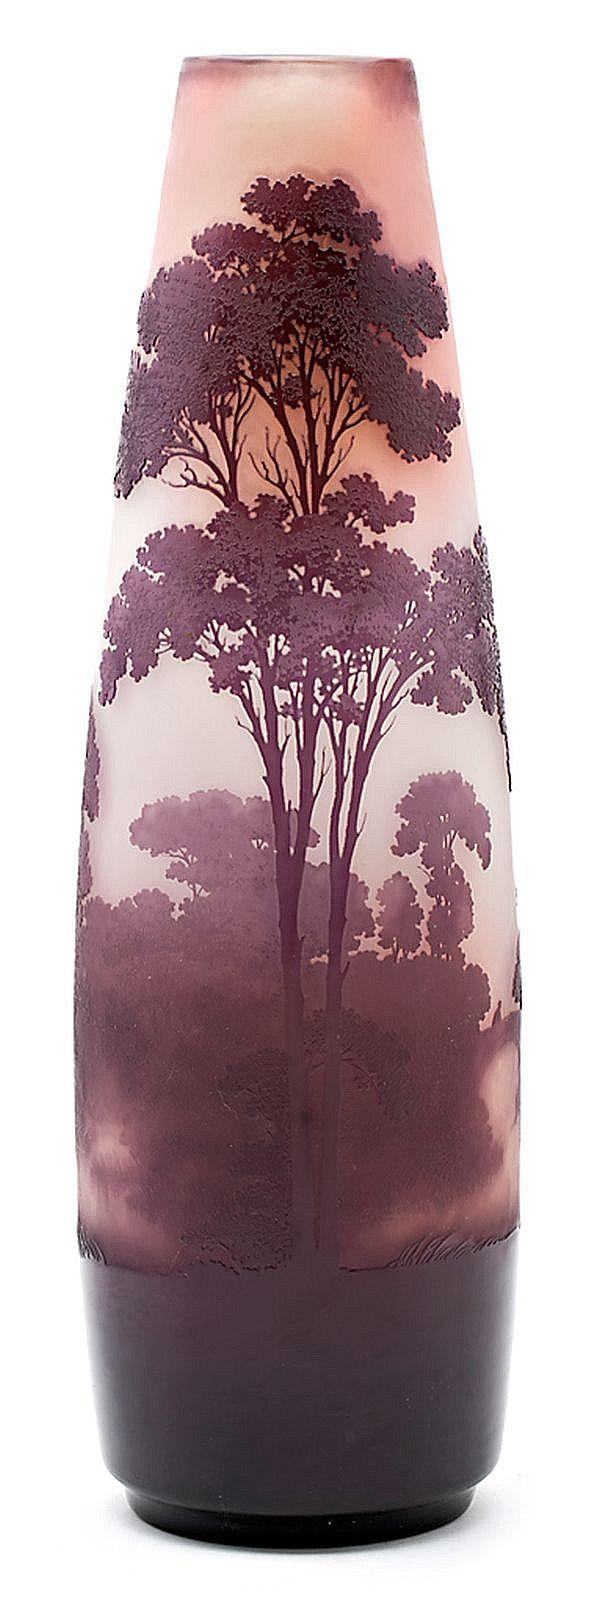 Émile Gallé Nancy 1846 - 1904 Vase with landscape - by Balclis